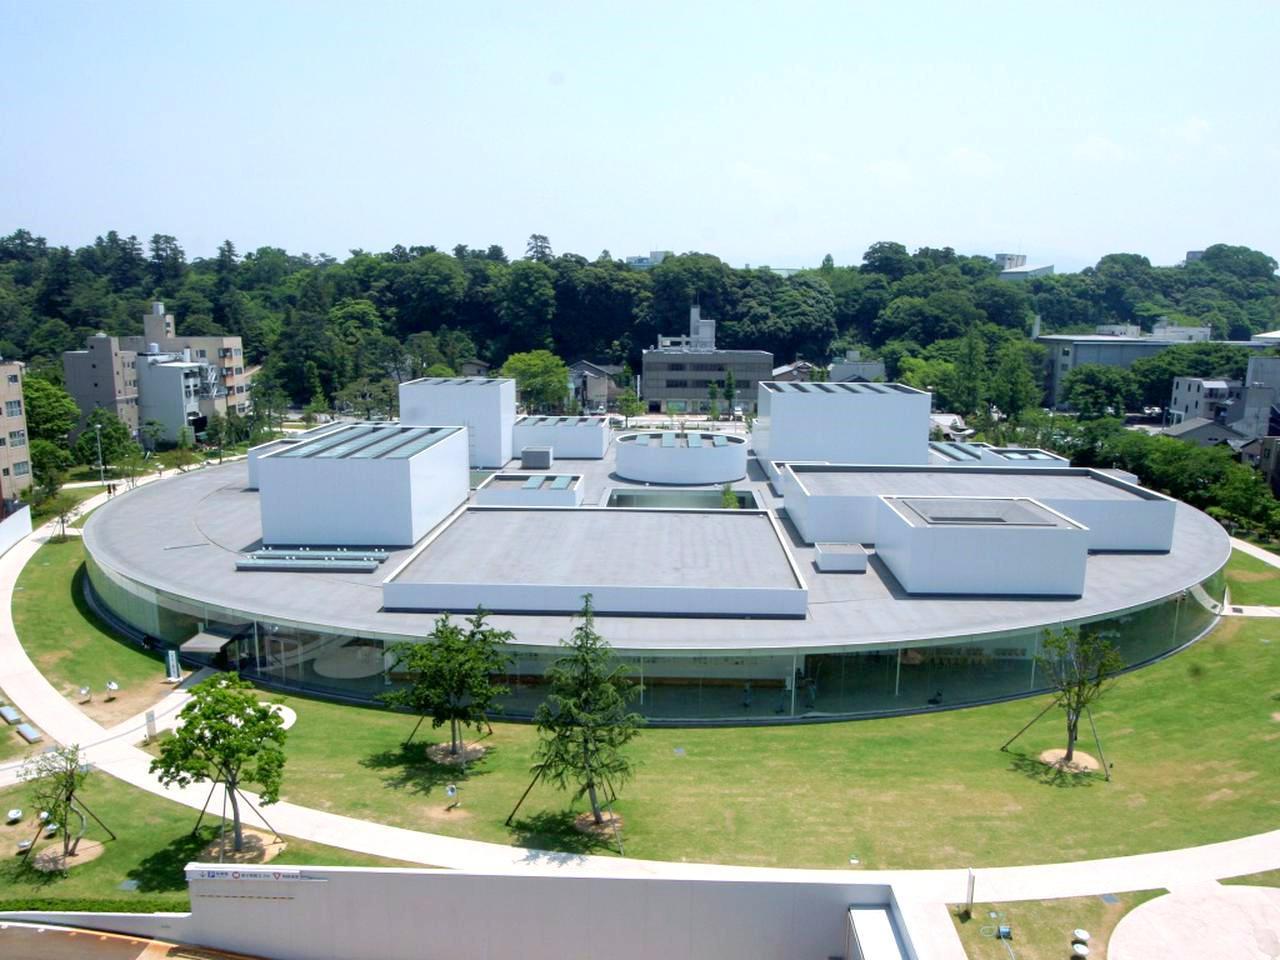 画像: 「街に開かれた公園のような美術館」をコンセプトに2004年に誕生した「金沢21世紀美術館」